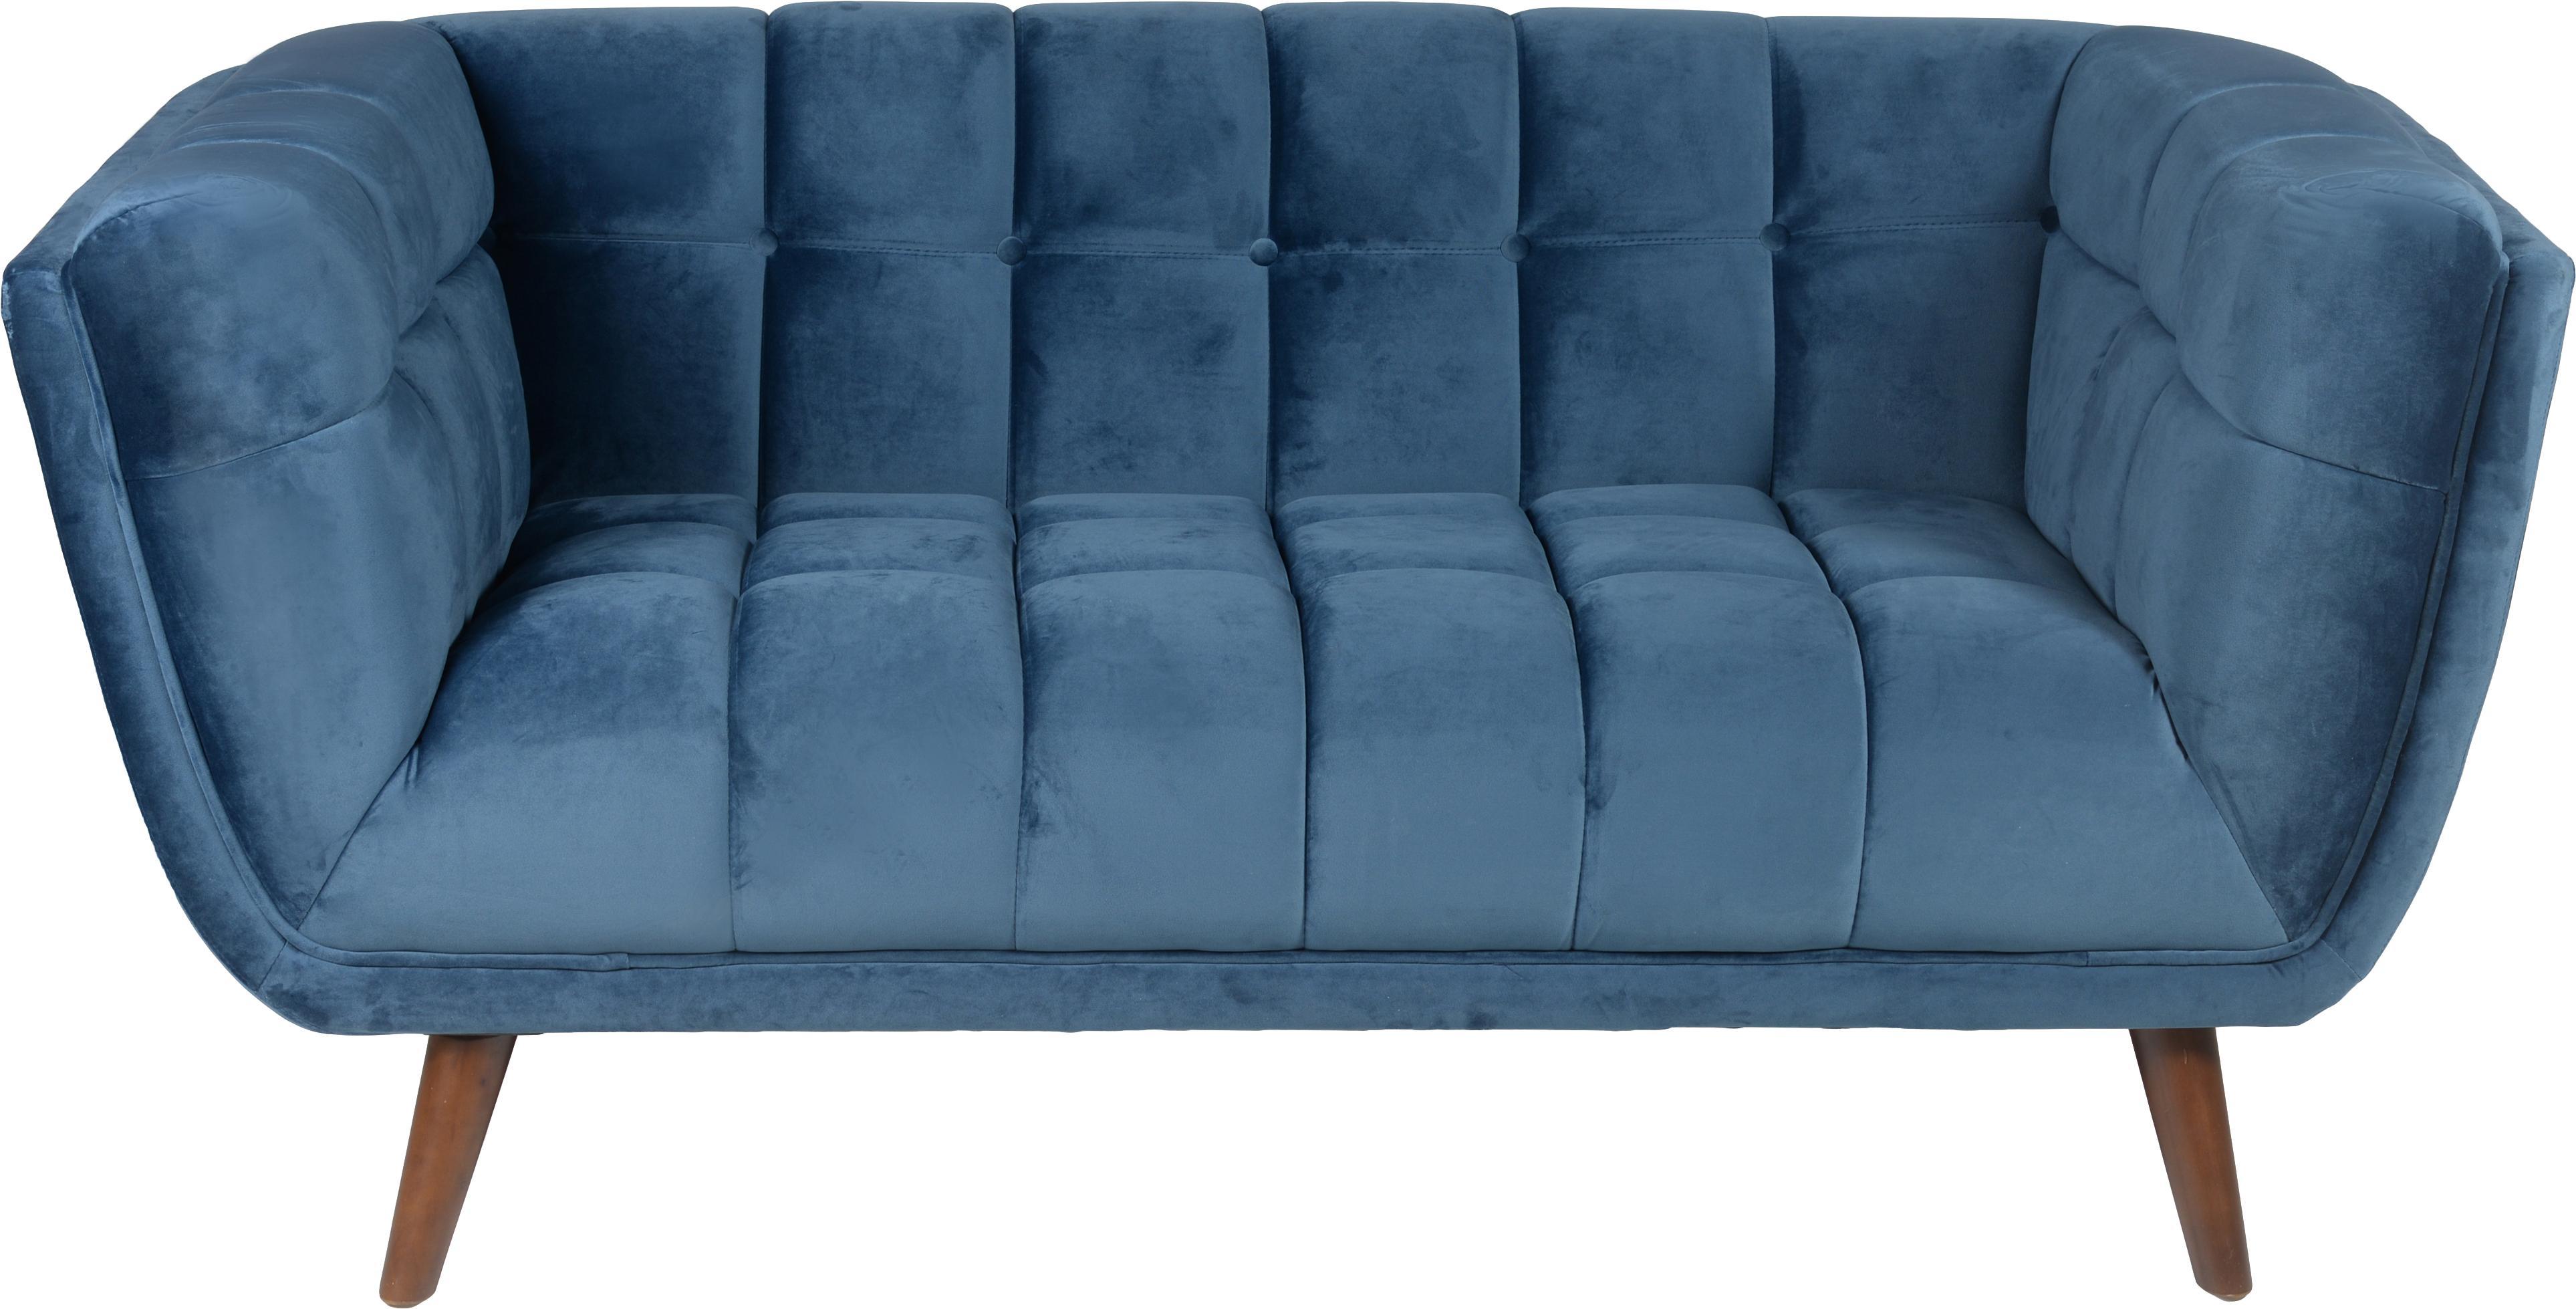 Divano 2 posti in velluto blu Beryl, Rivestimento: velluto di poliestere 30., Piedini: legno di noce verniciato, Velluto blu, Larg. 164 x Prof. 90 cm